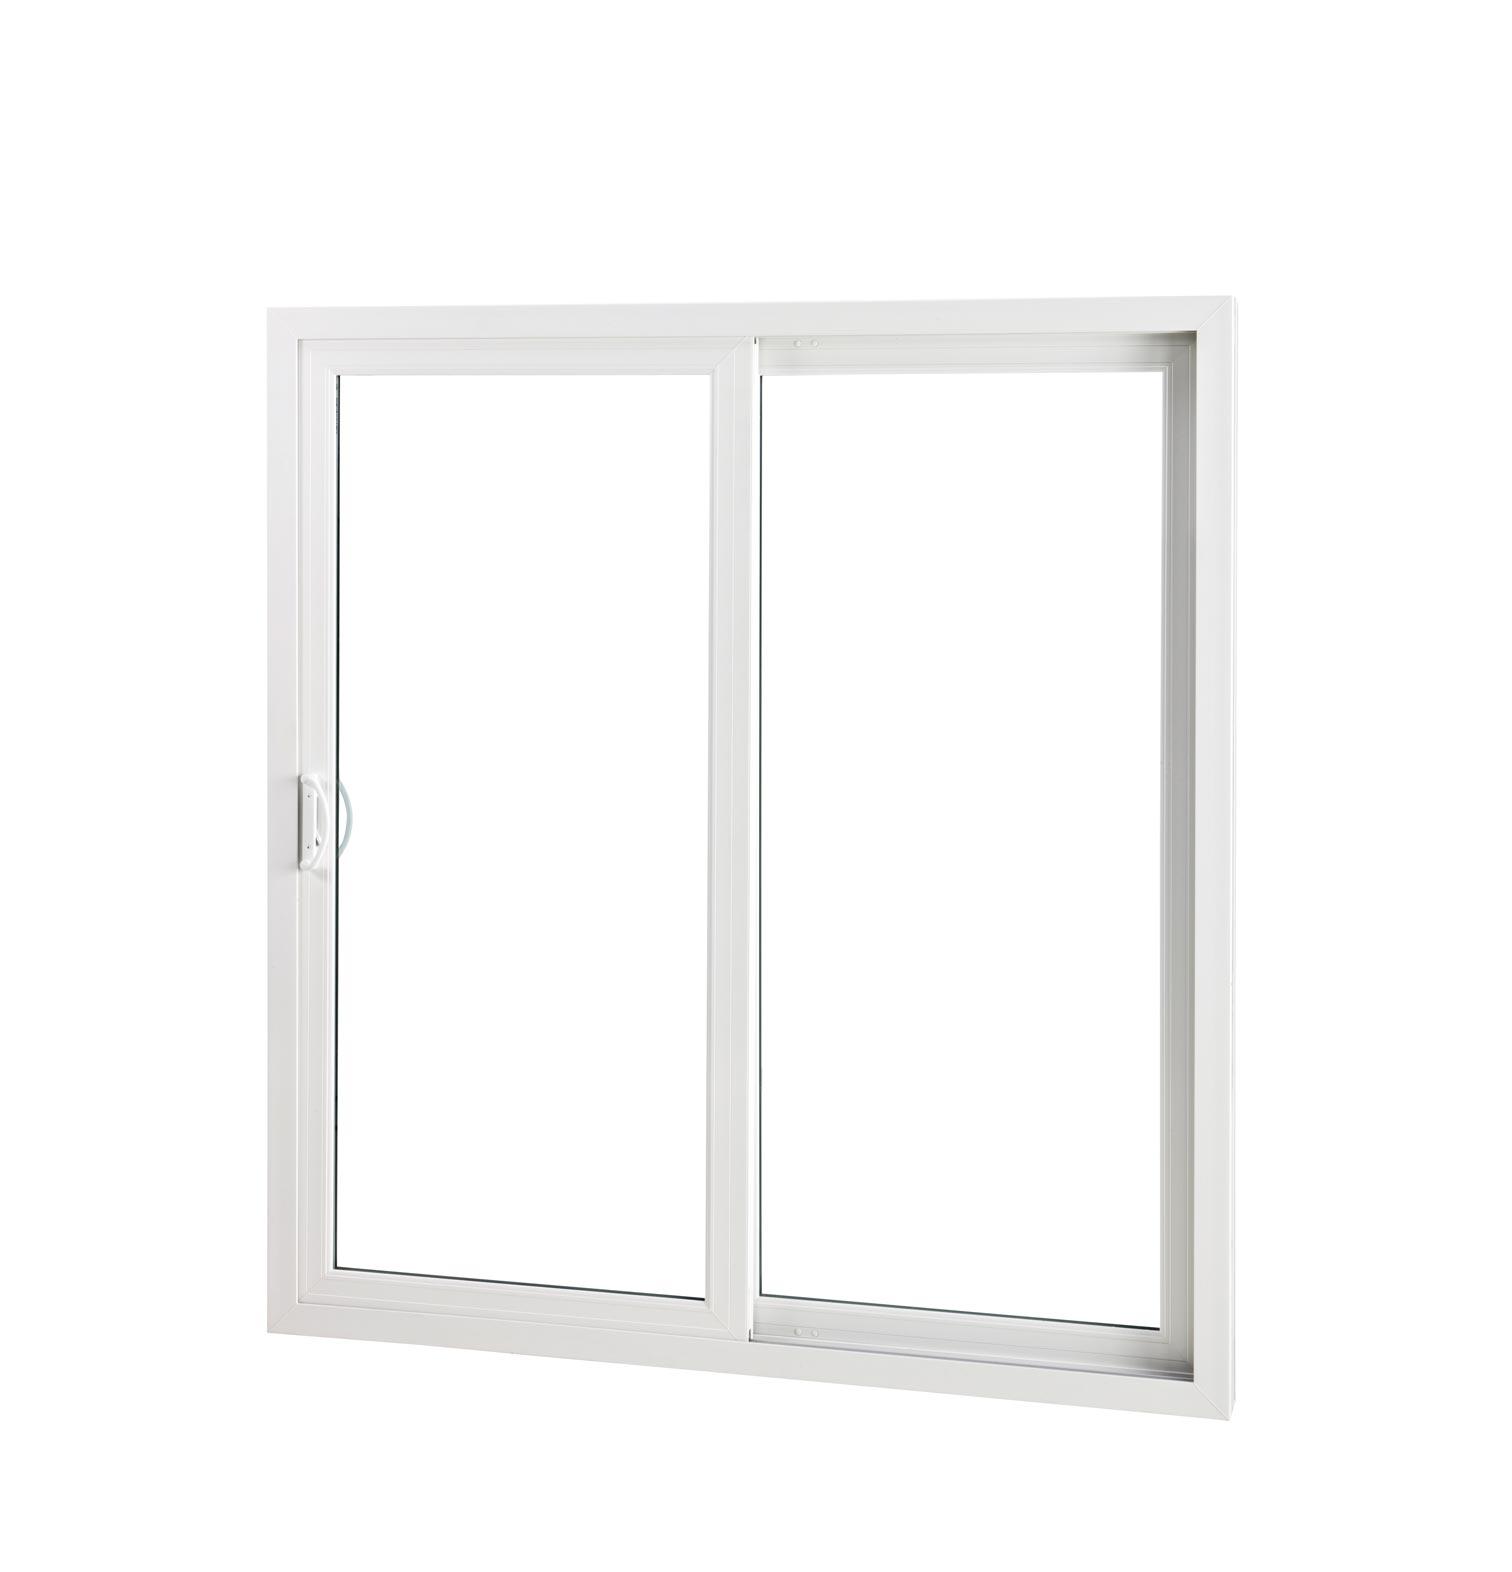 Upvc Patio Doors S 8750 Sg Windows Doors Co Ltd In Trinidad